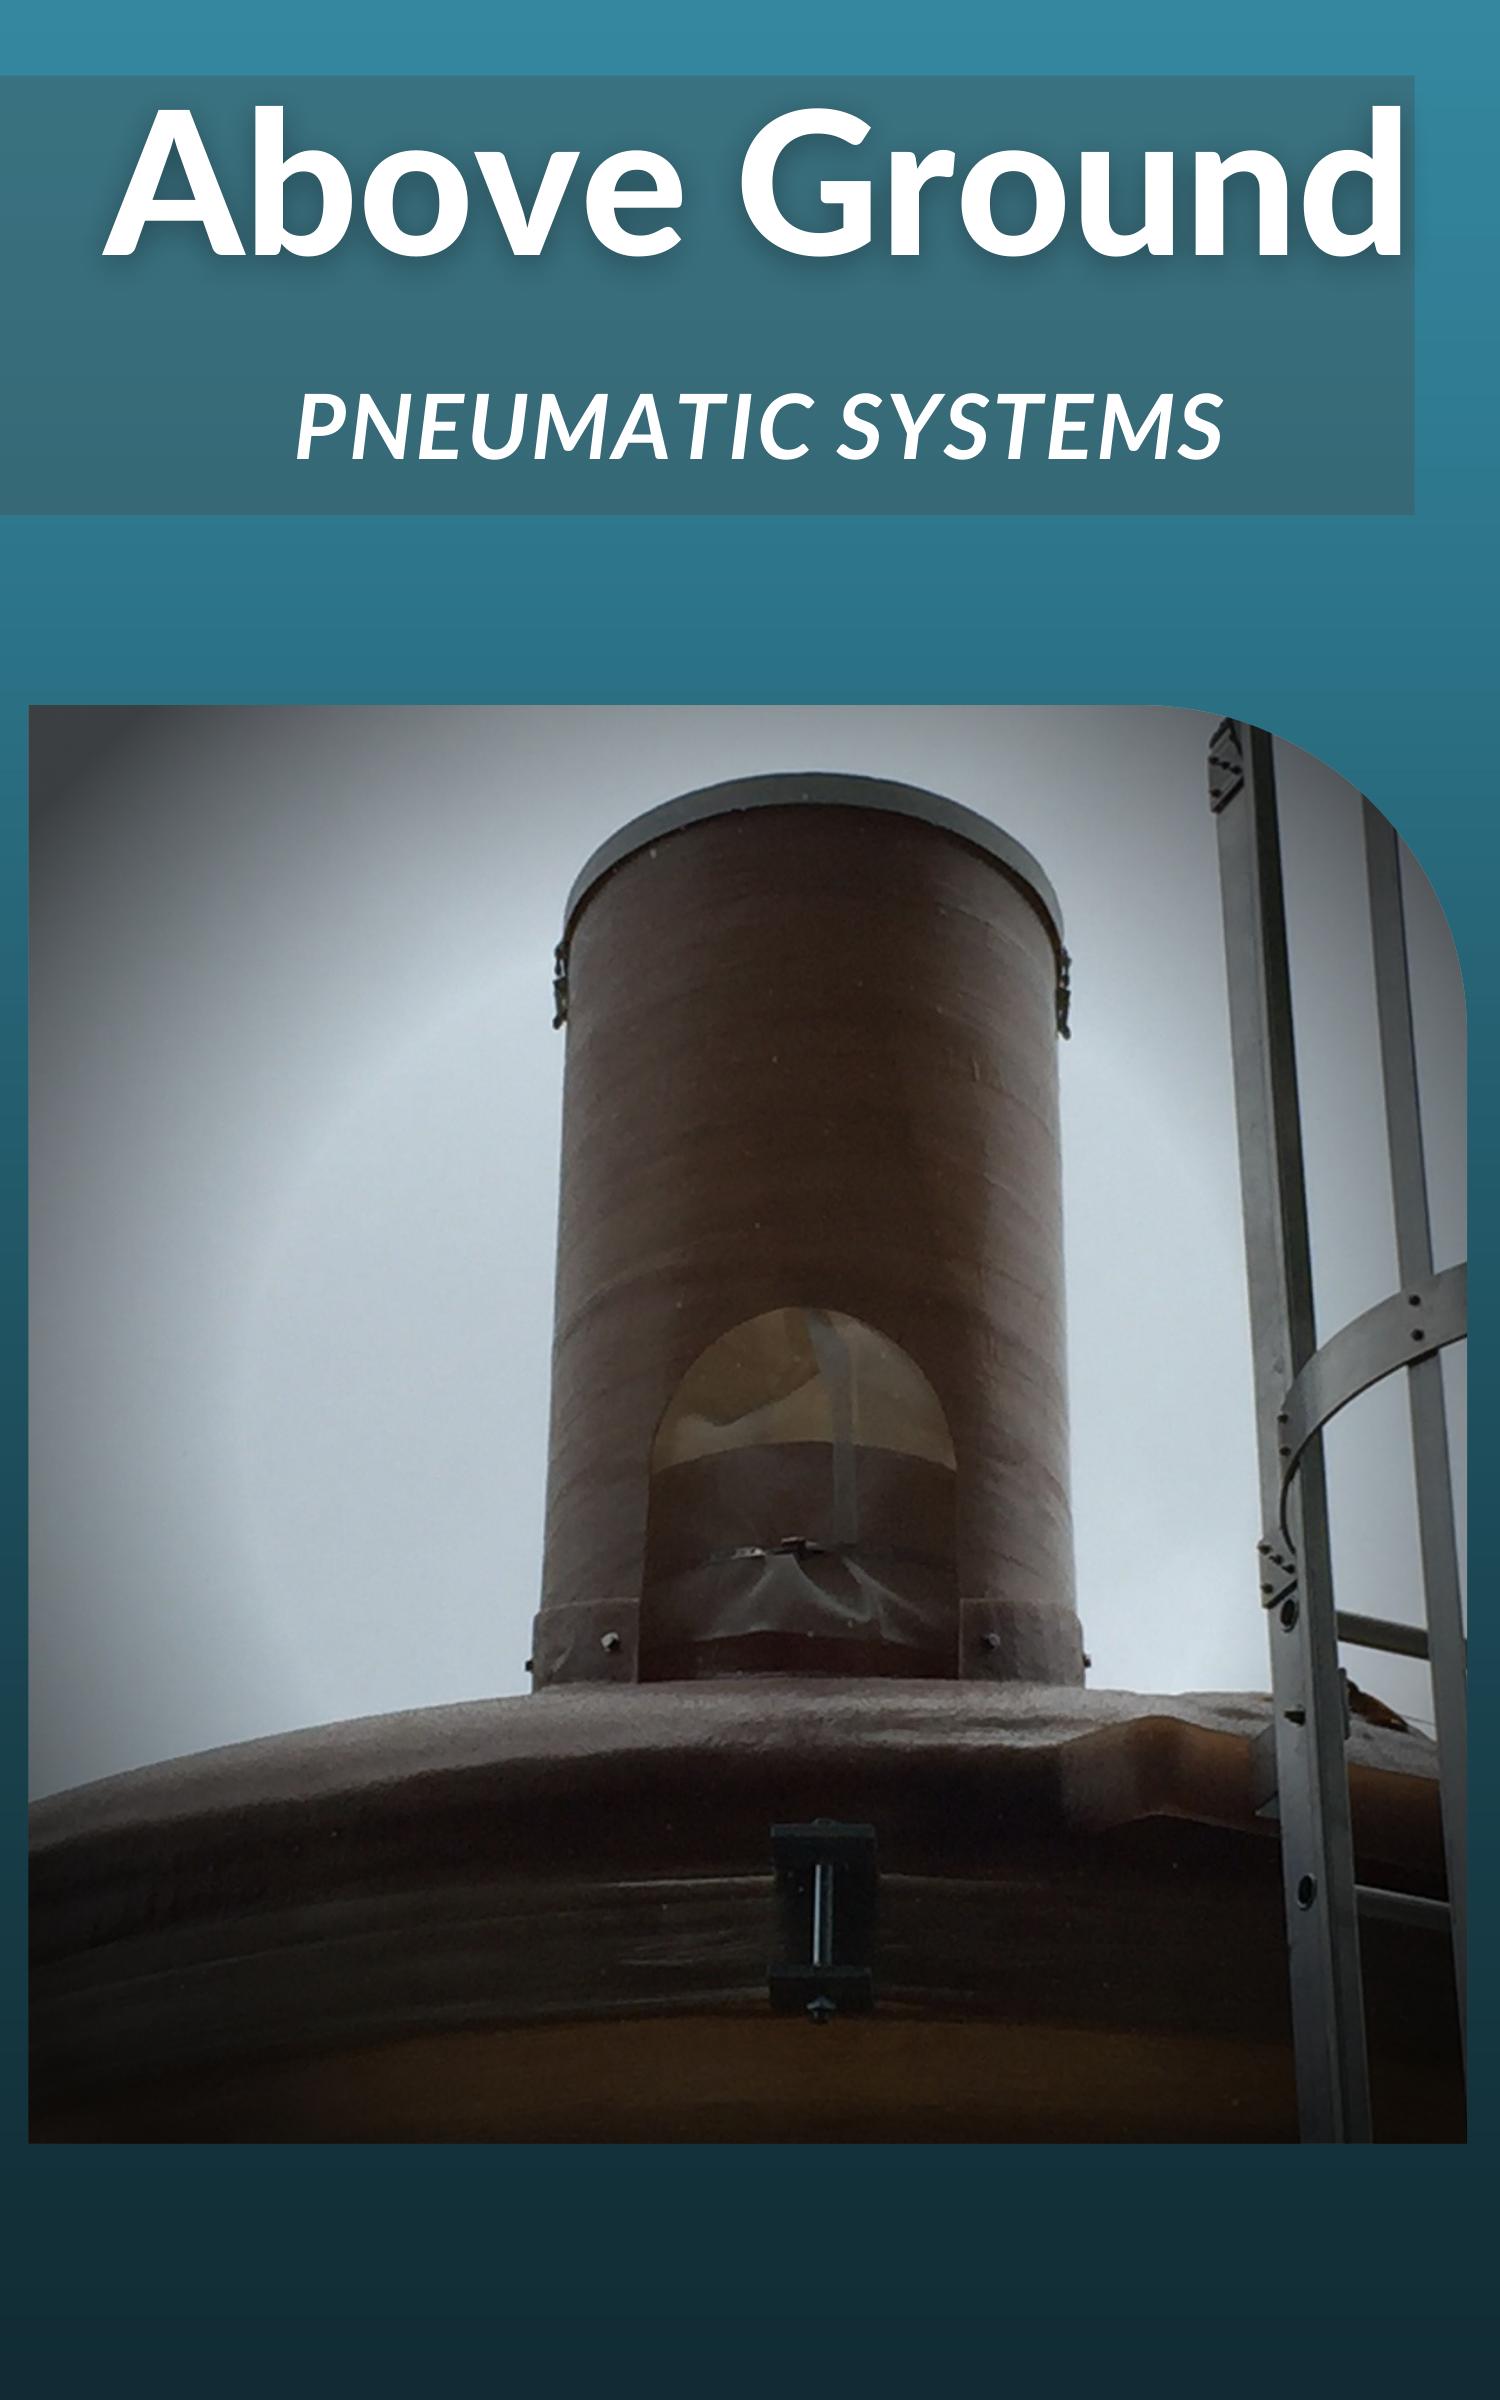 brine maker pneumatic